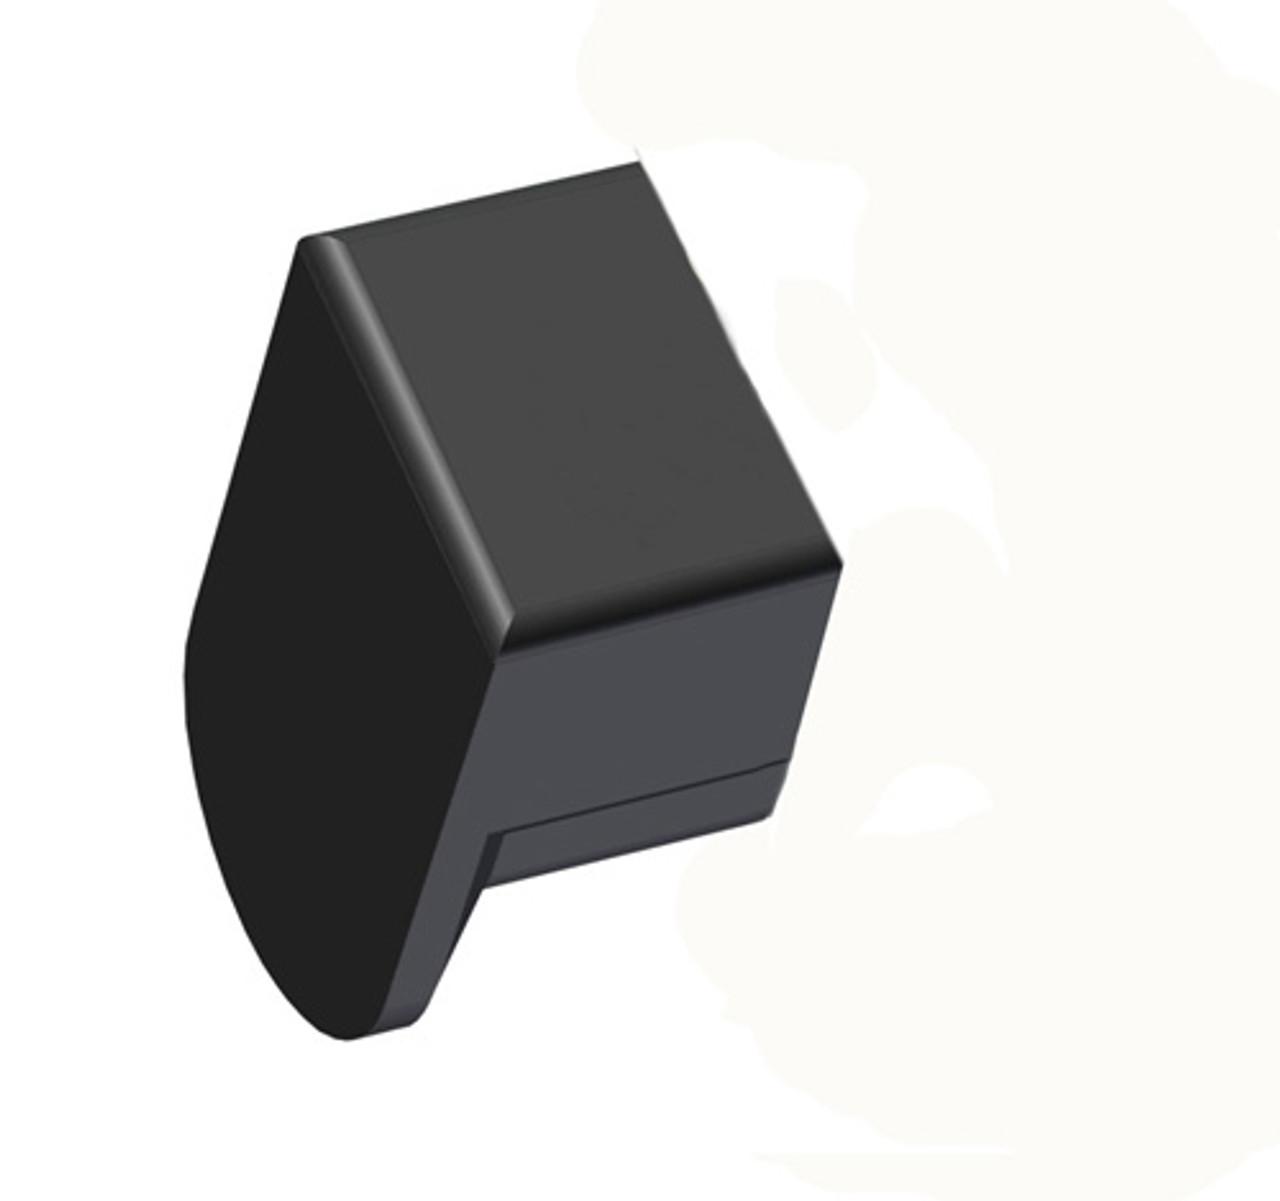 FoX Edge Key Quantity 500